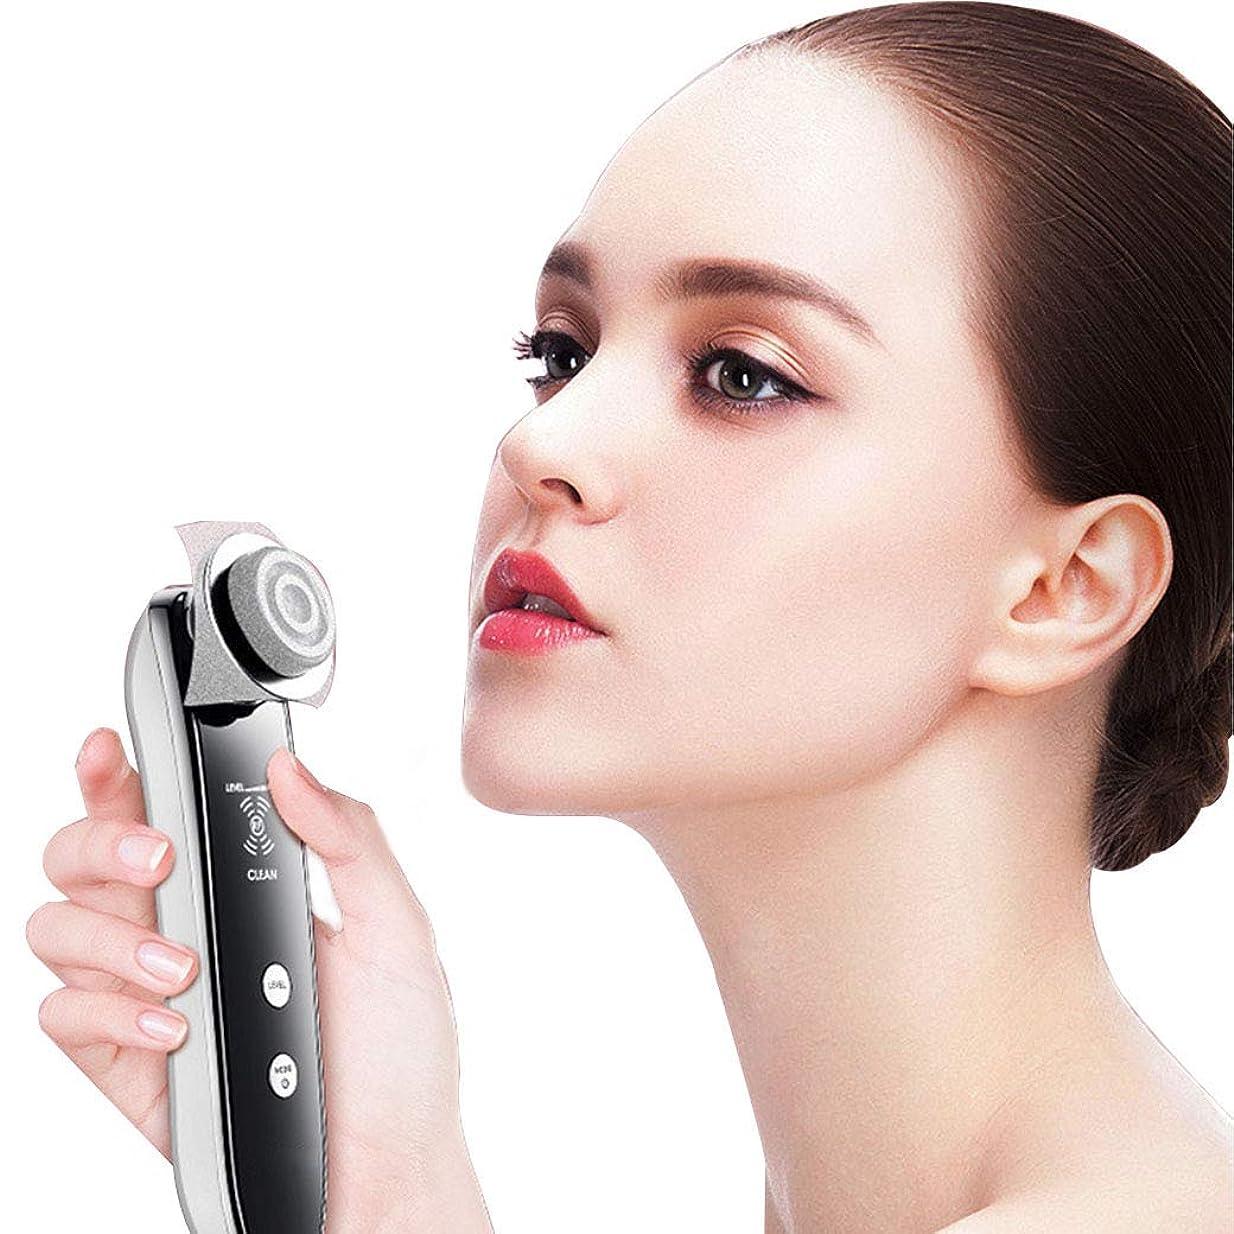 不明瞭狂乱知らせるRF の無線周波数の美の器械 5 1 の多機能の顔のマッサージ器、皮の気遣うことのための美装置、穏やかな剥離および気孔の収縮のための機械